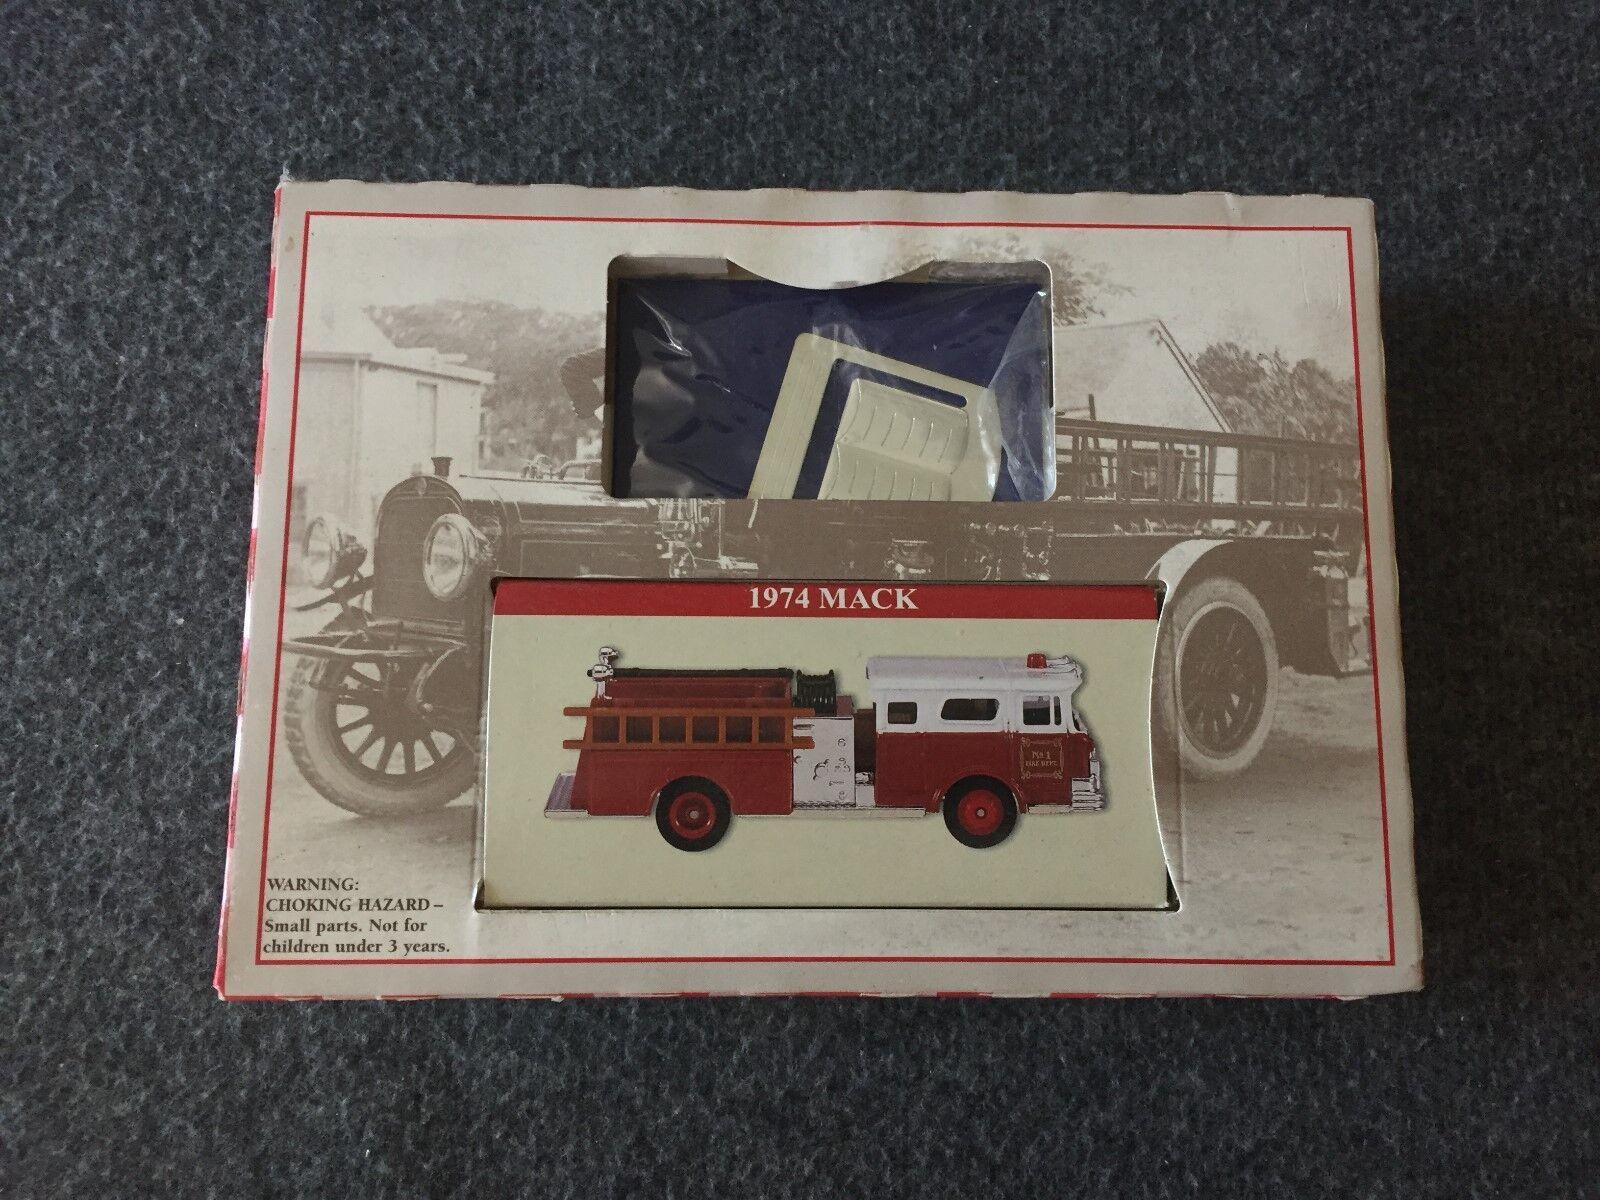 1974 Mack Fire Truck e libro Mark SET 2000 NUOVI LETTORI DIGEST GIFT PER TE